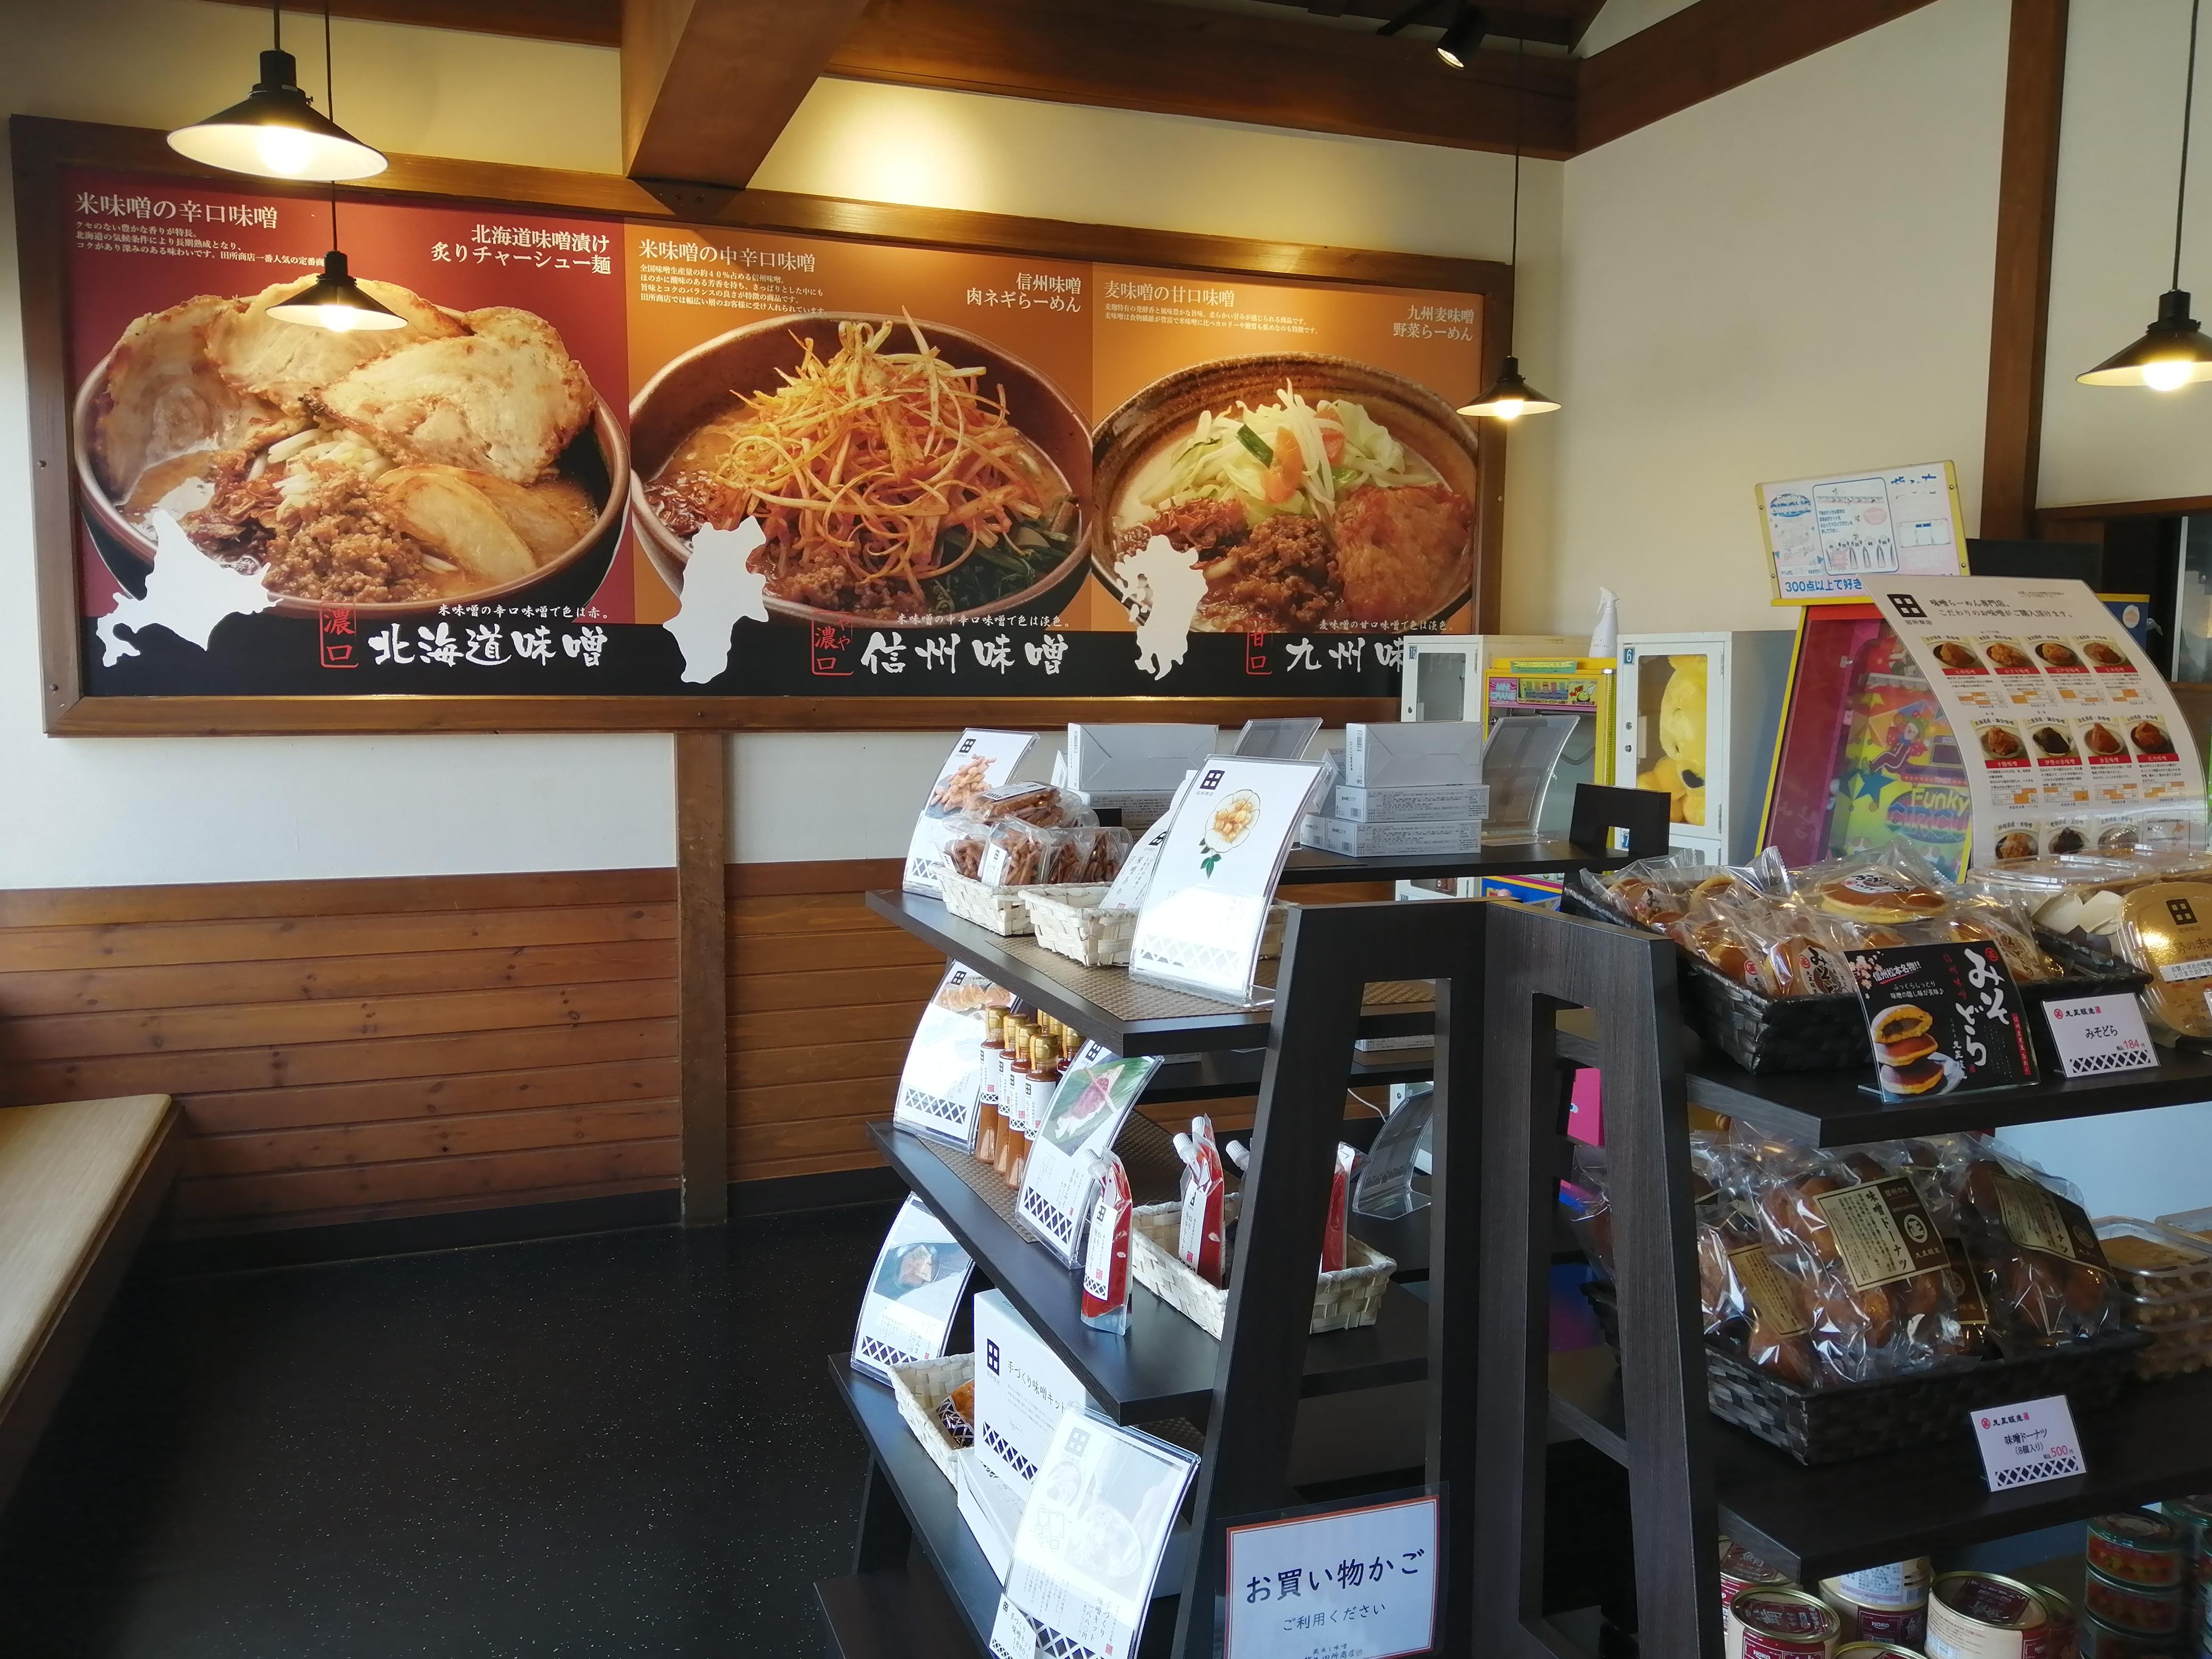 ぎ 料理 ささ 料理一門会 笹組